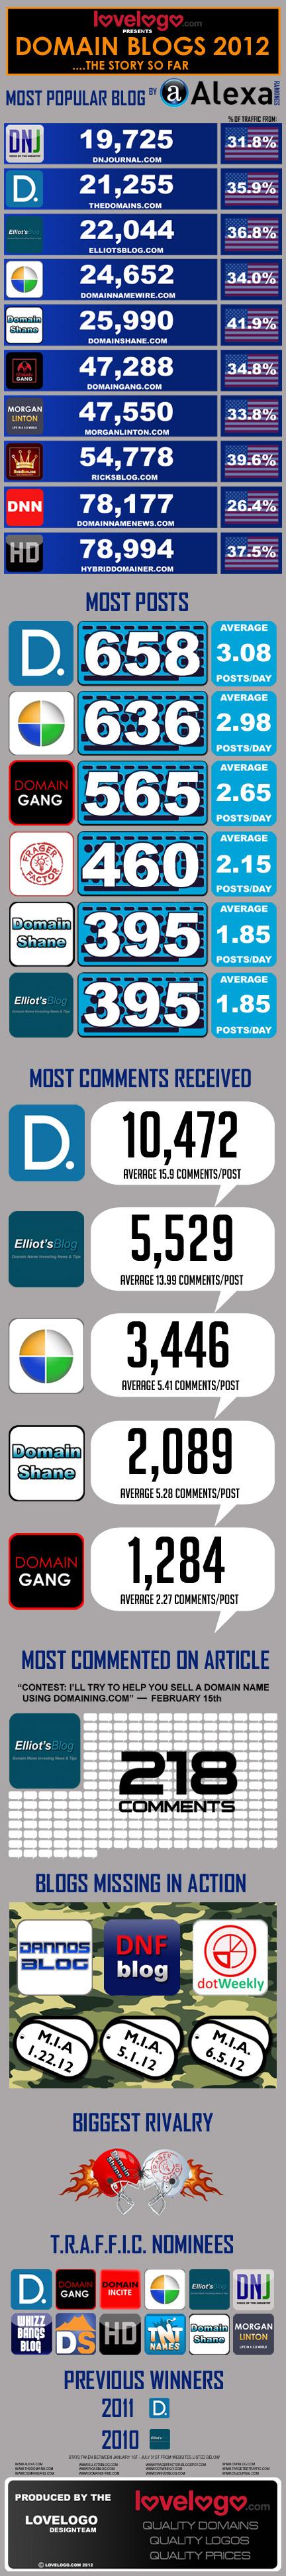 Domainblogs2012